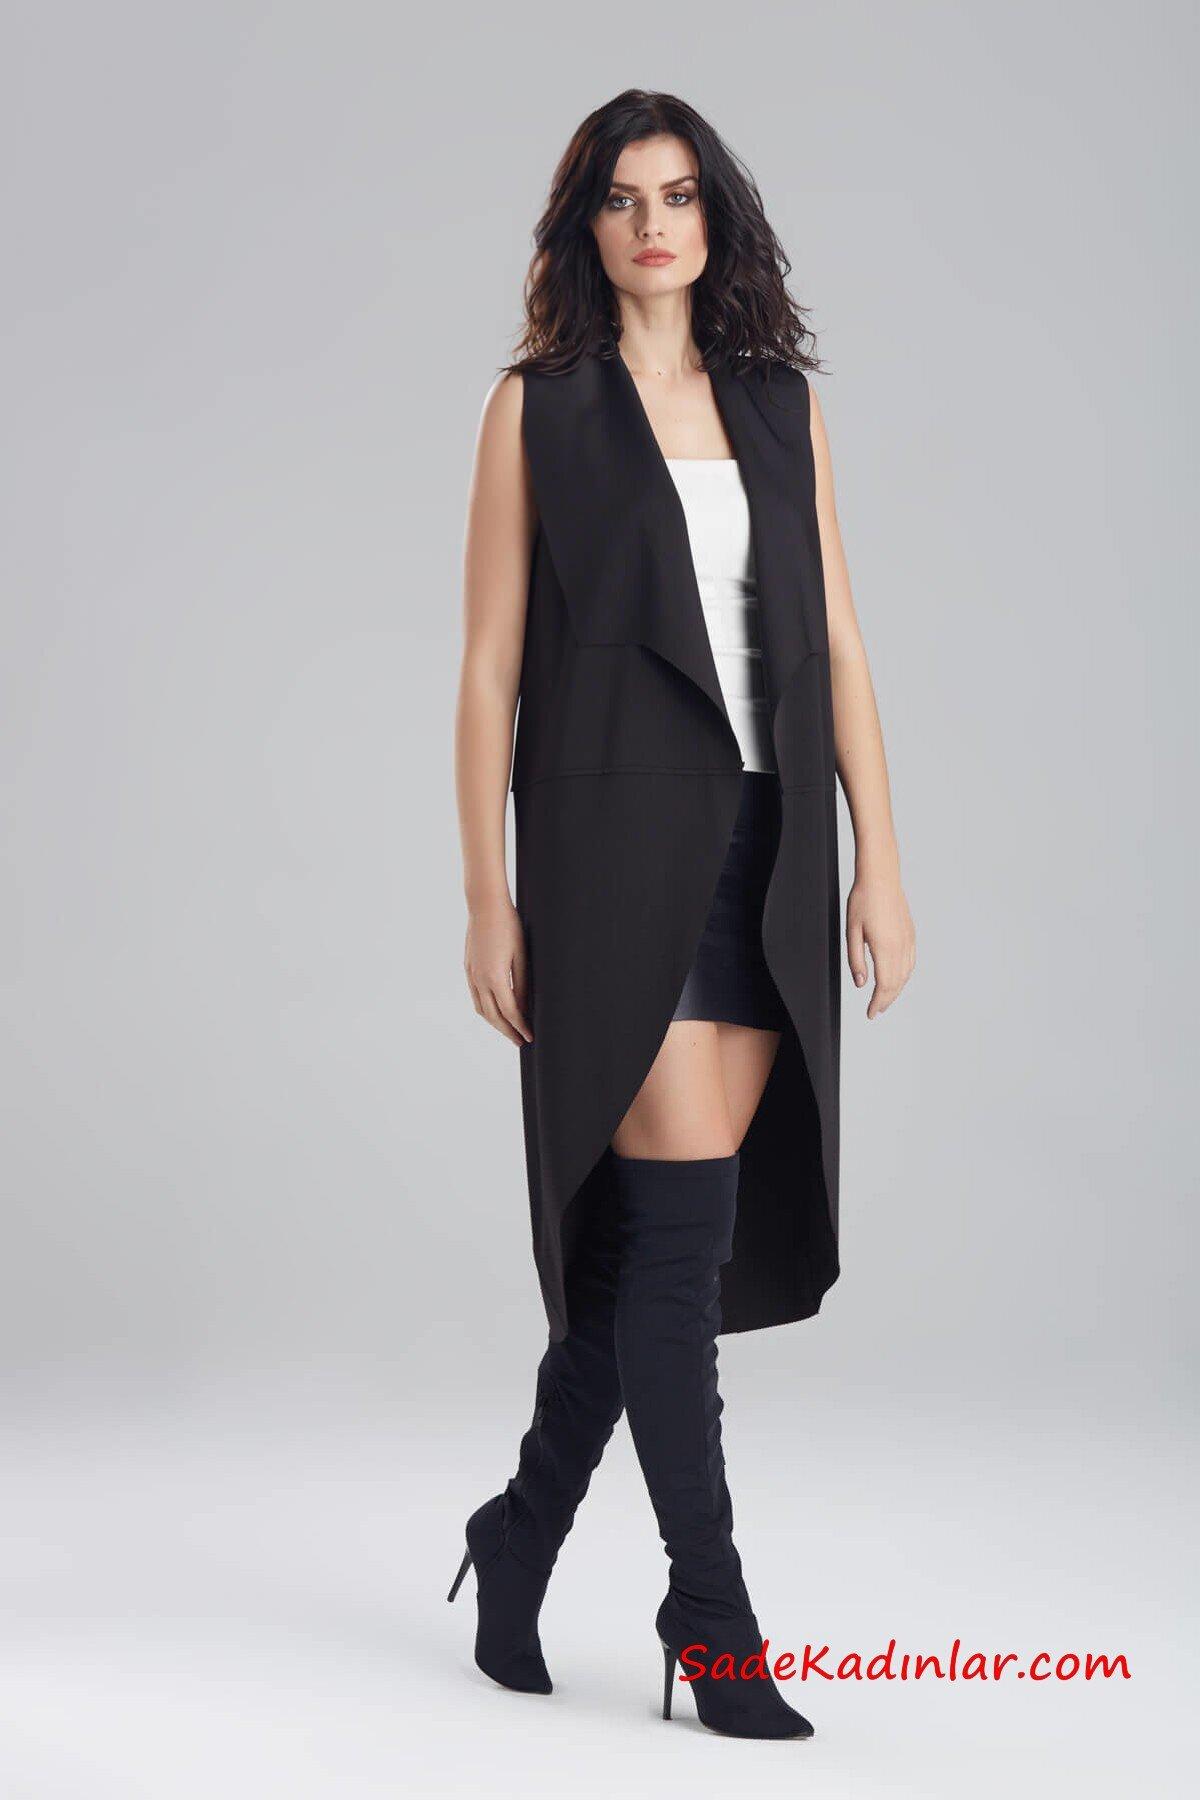 2019 Uzun Yelek Kombinleri Siyah Mini Etek Beyaz Bluz Siyah Yelek Siyah UZun